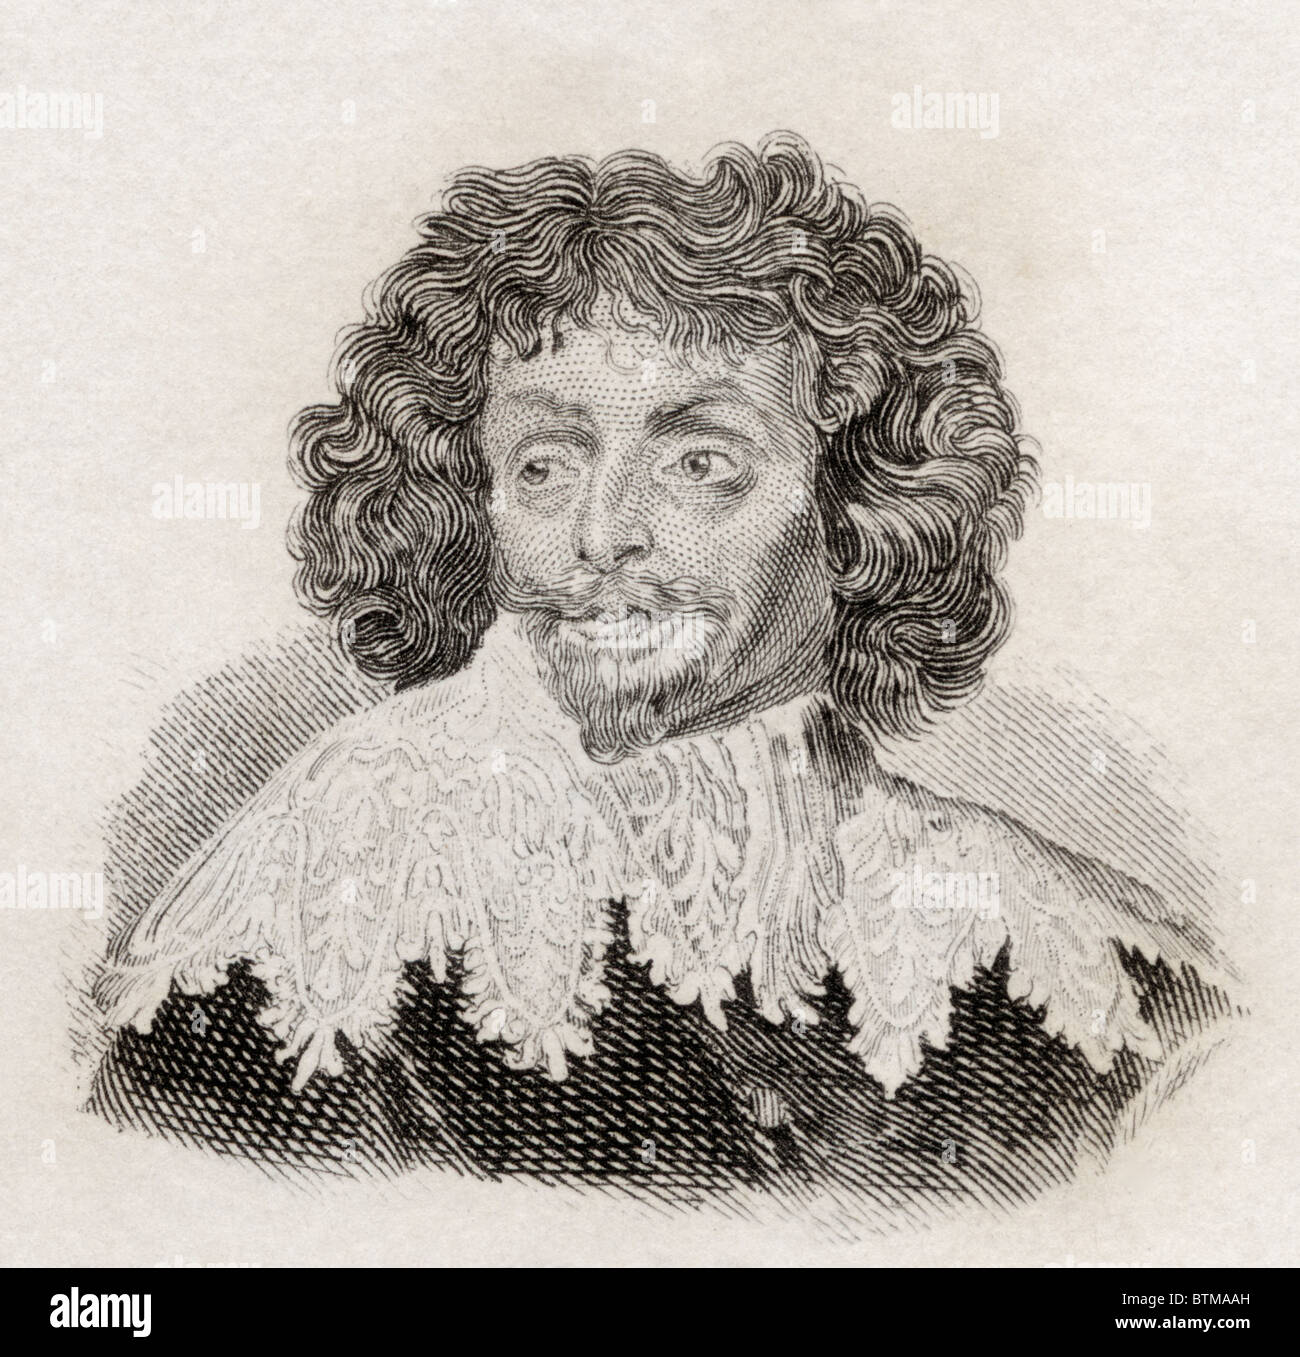 Sir Thomas Chaloner, 1521 to 1565. English statesman and poet. - Stock Image